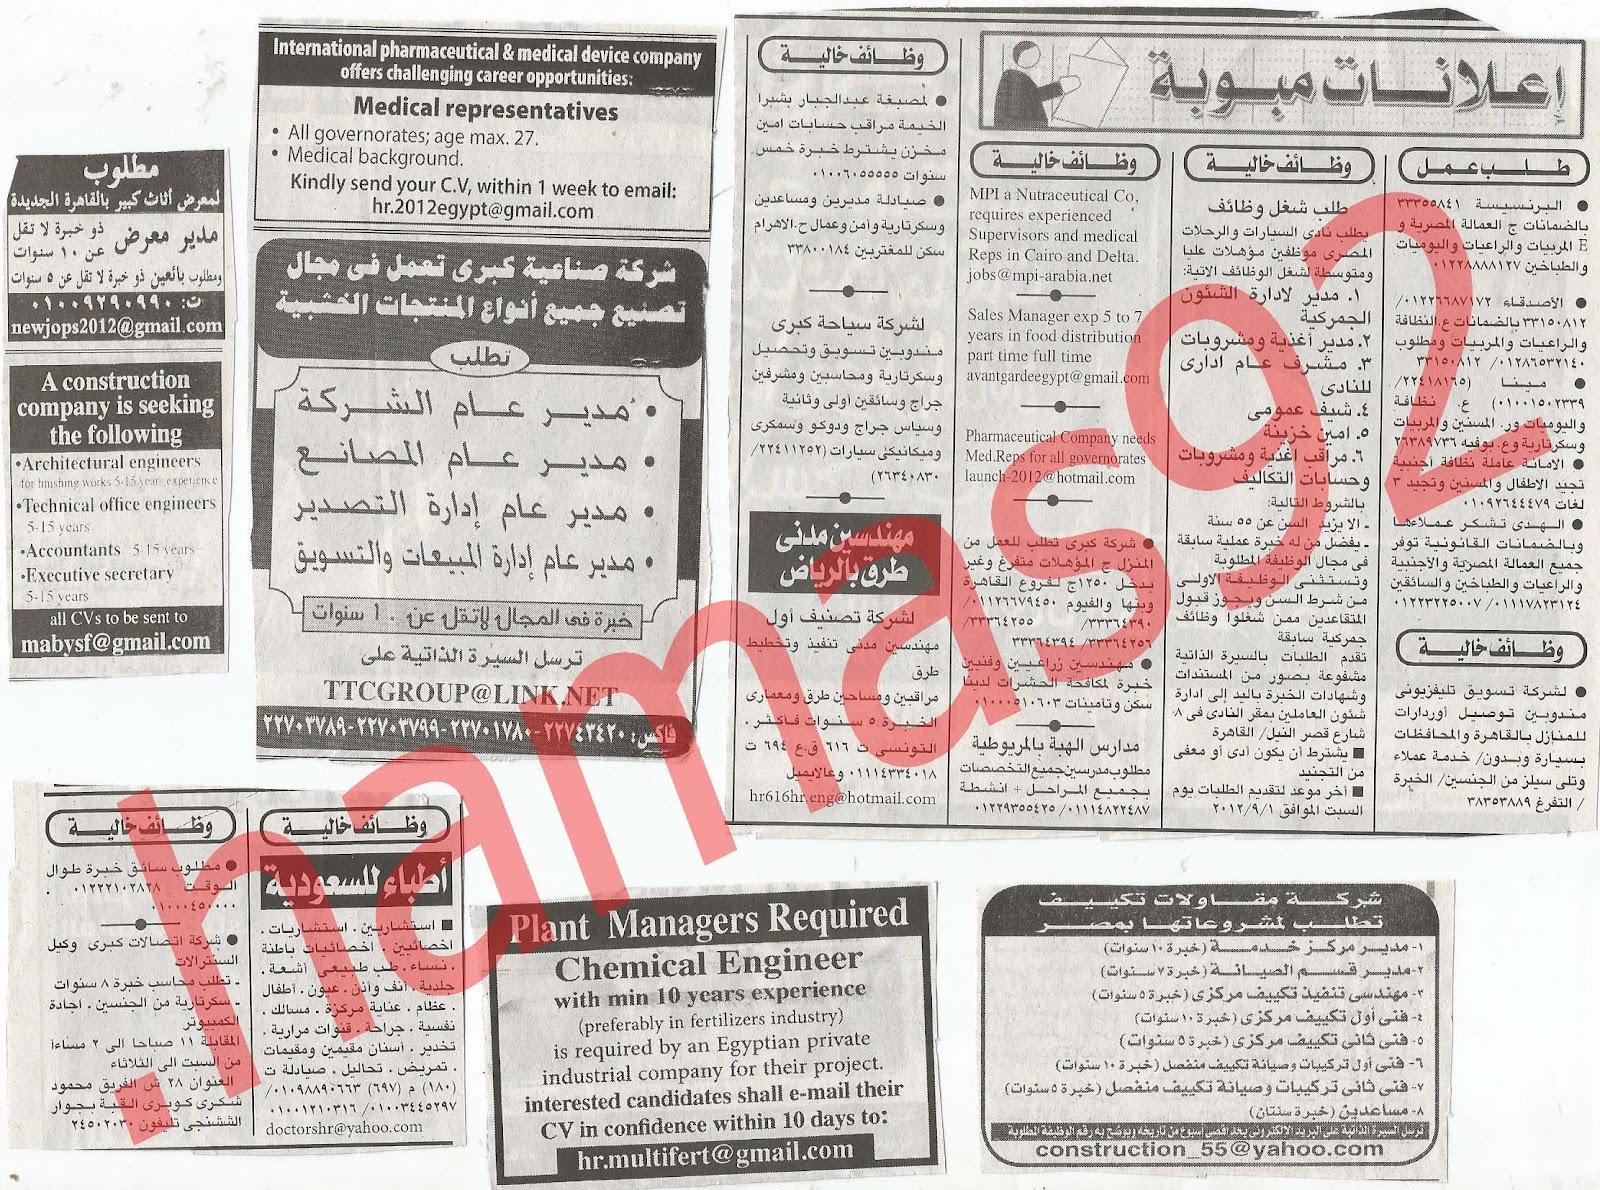 اعلانات الوظائف الخالية فى جريدة الاهرام الجمعة 27/7/2012 - الاهرام الاسبوعى 3